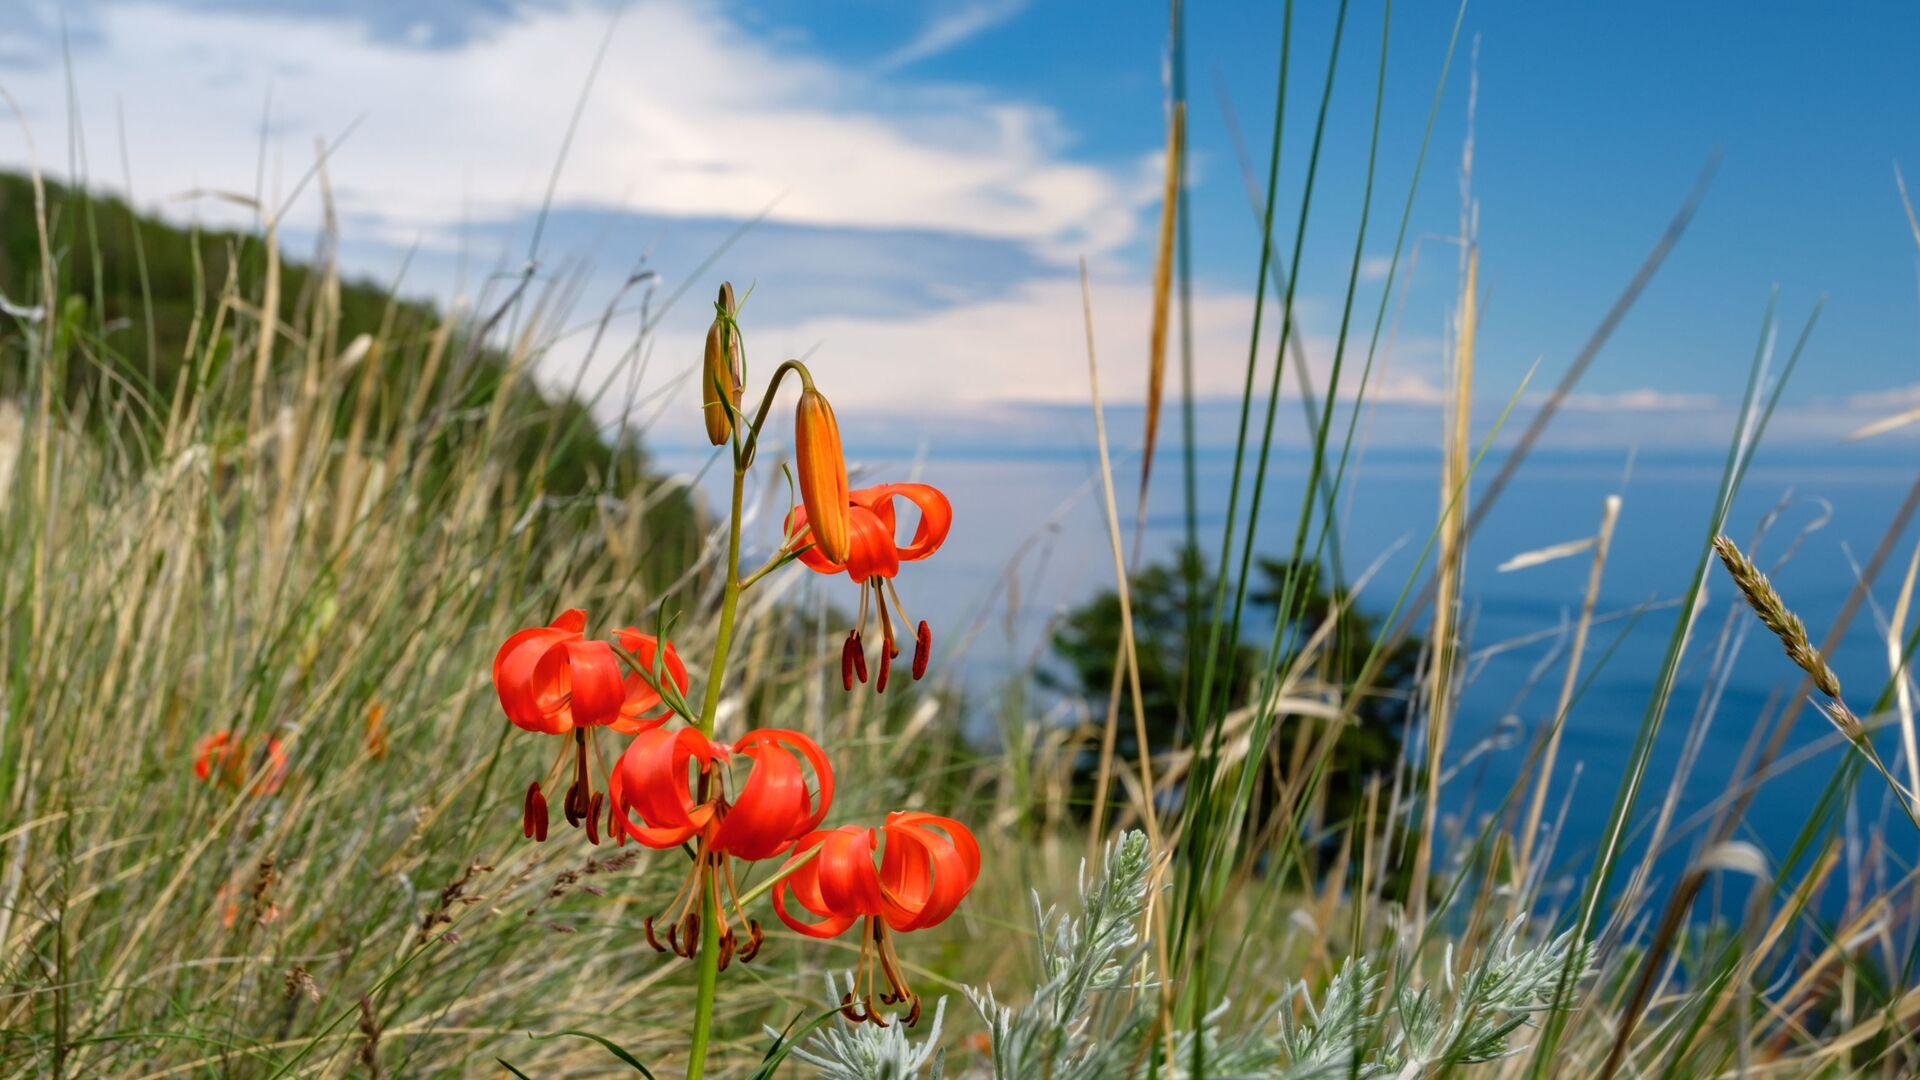 Цветы, растущие на острове Ольхон на озере Байкал в Иркутской области - Sputnik Таджикистан, 1920, 16.04.2021